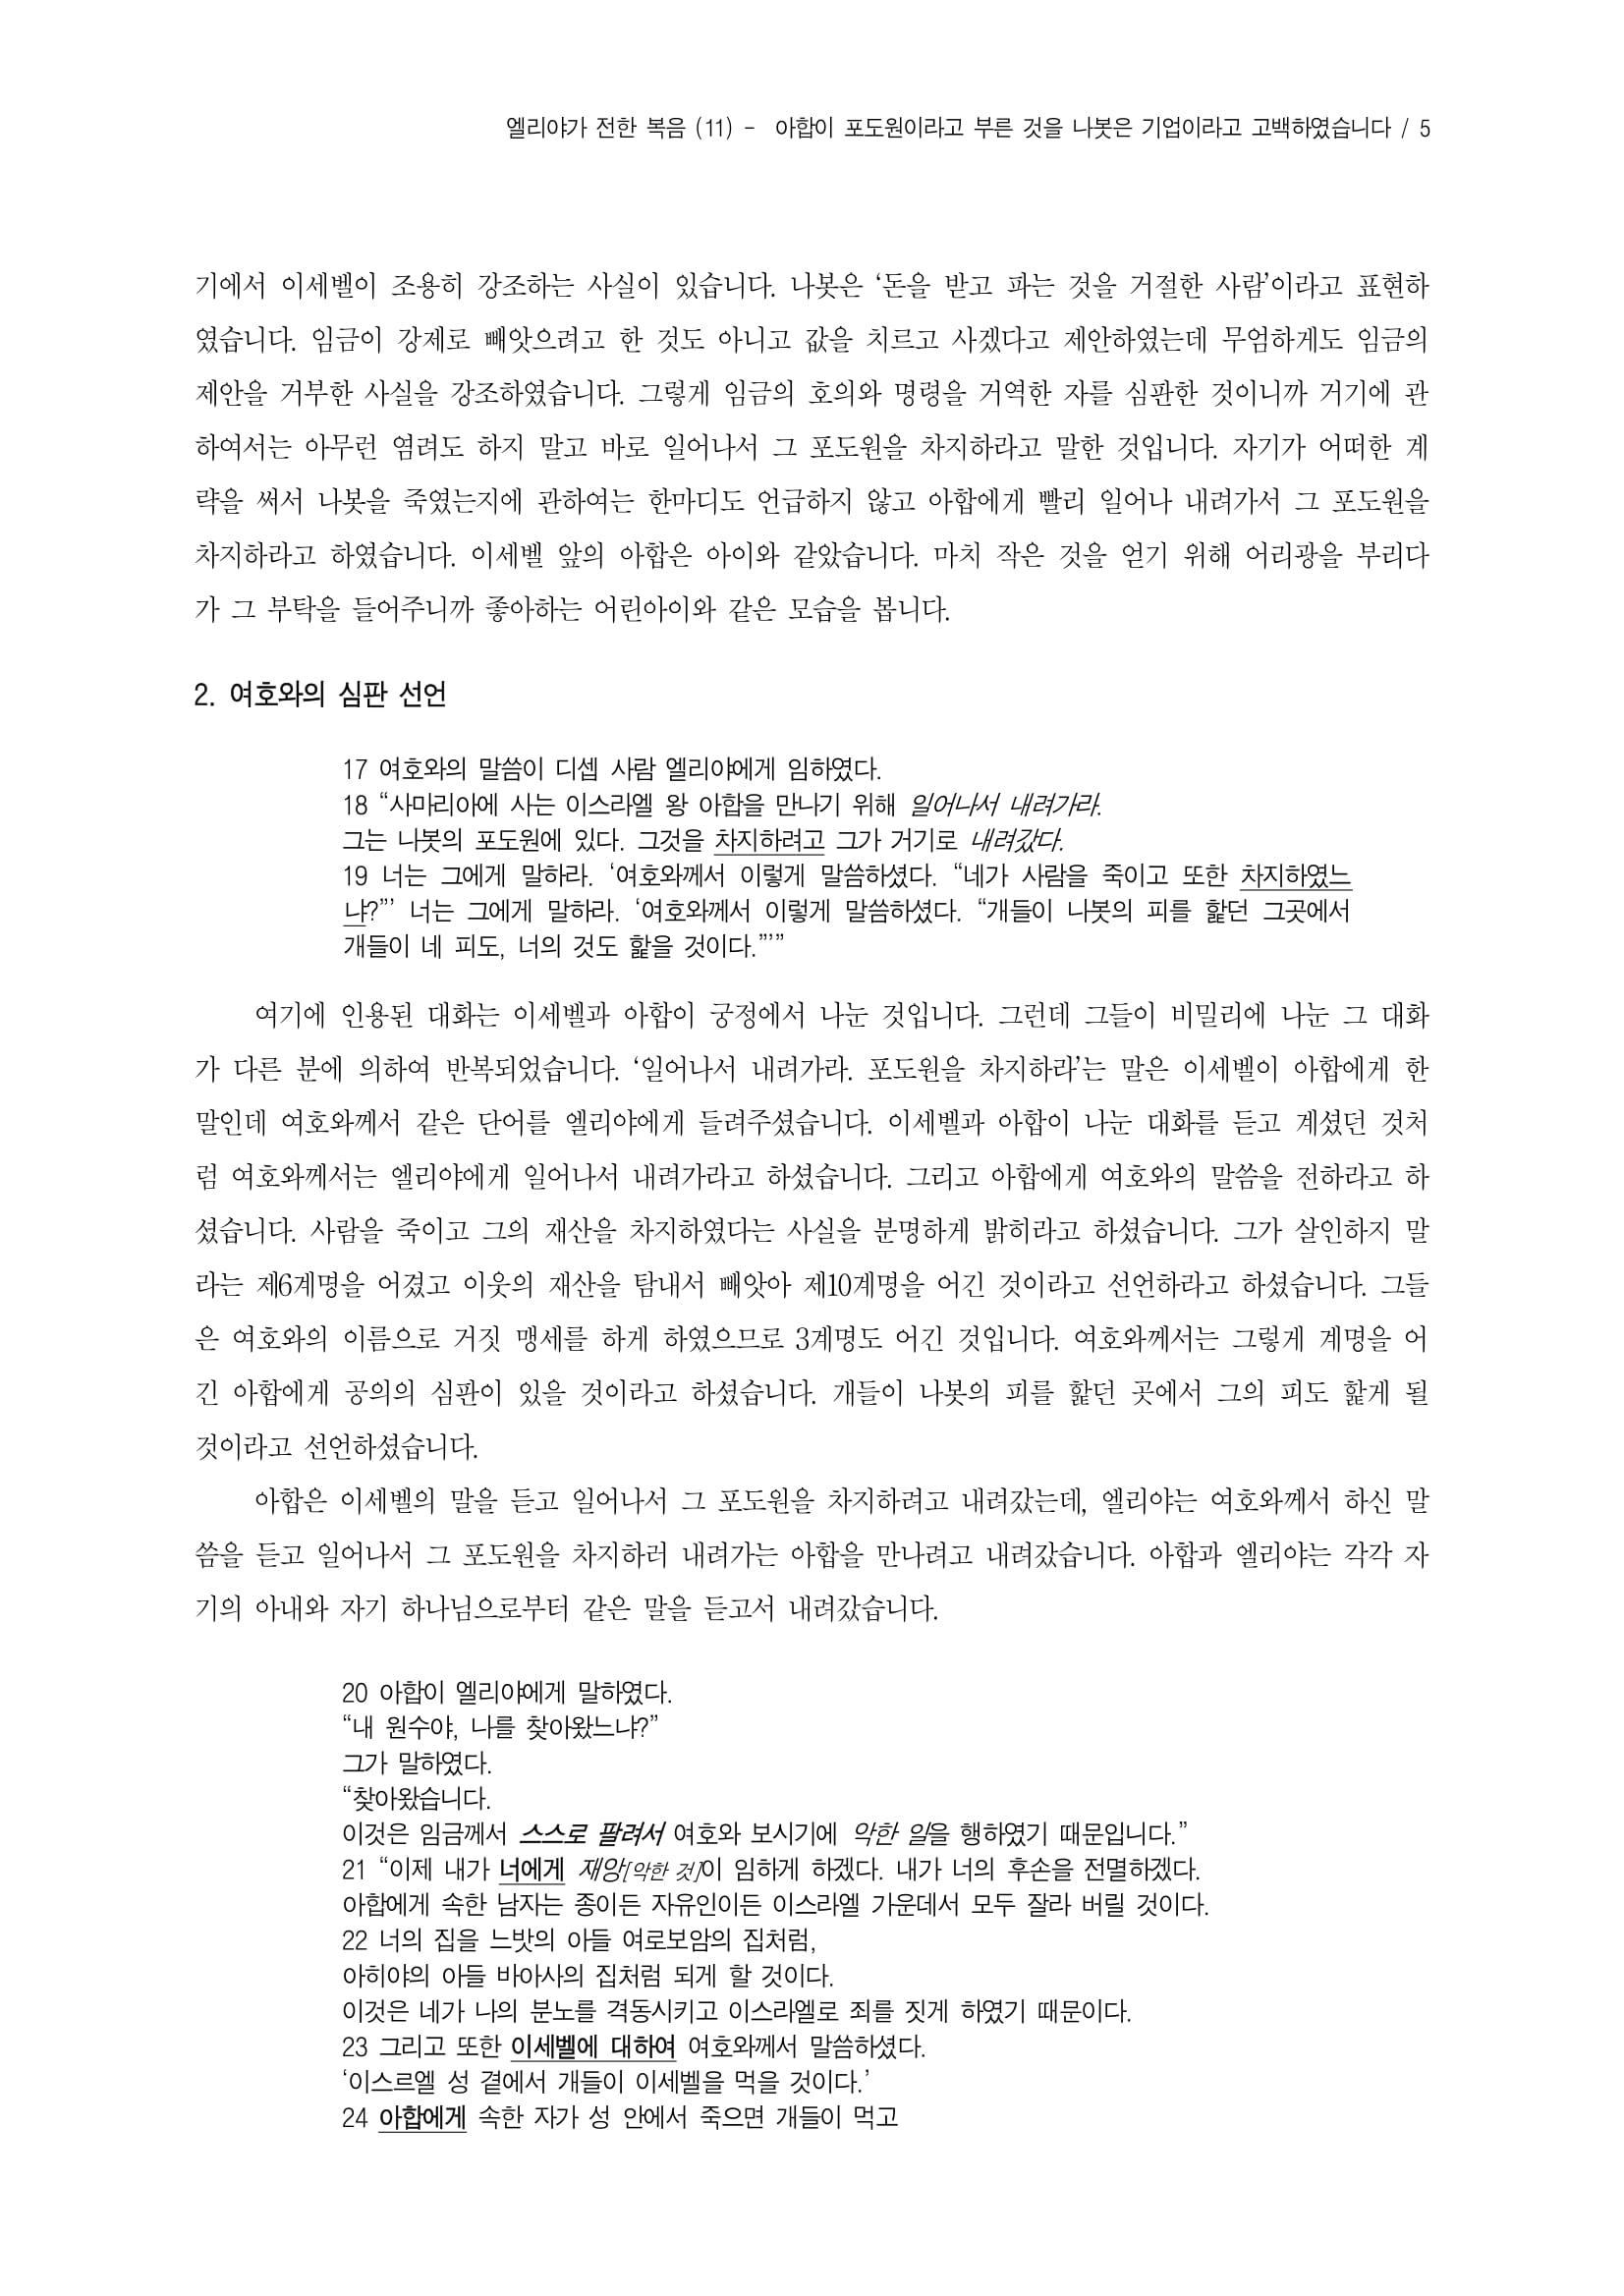 엘리야(11)_나봇의 기업과 아합의 포도원-왕상21장-5.jpg